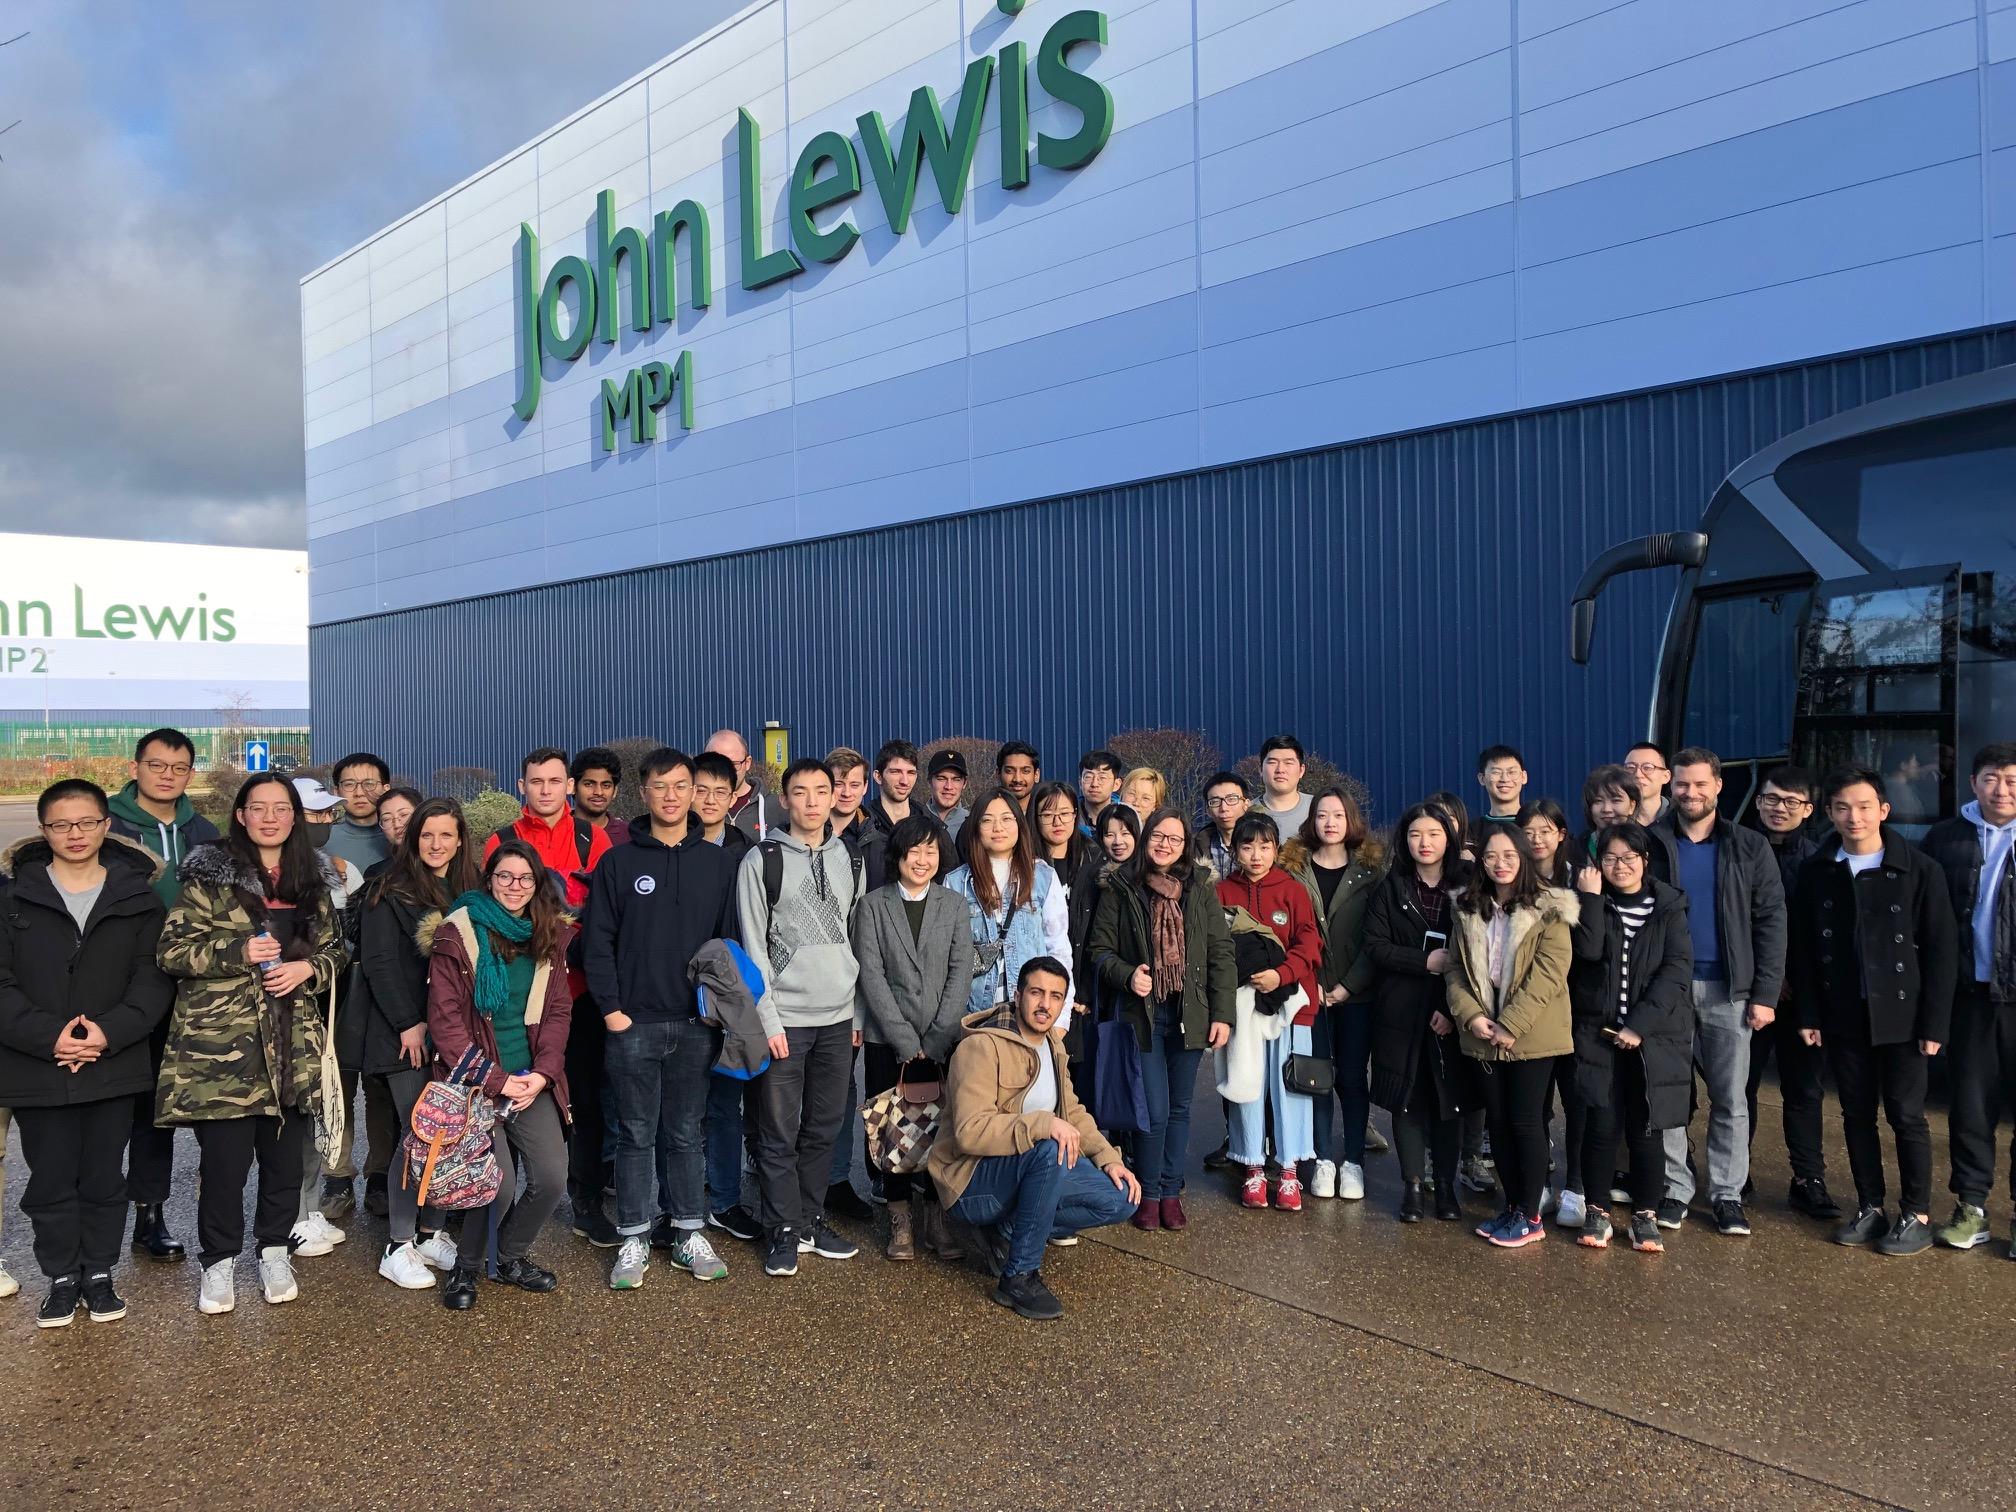 John Lewis warehouse visit